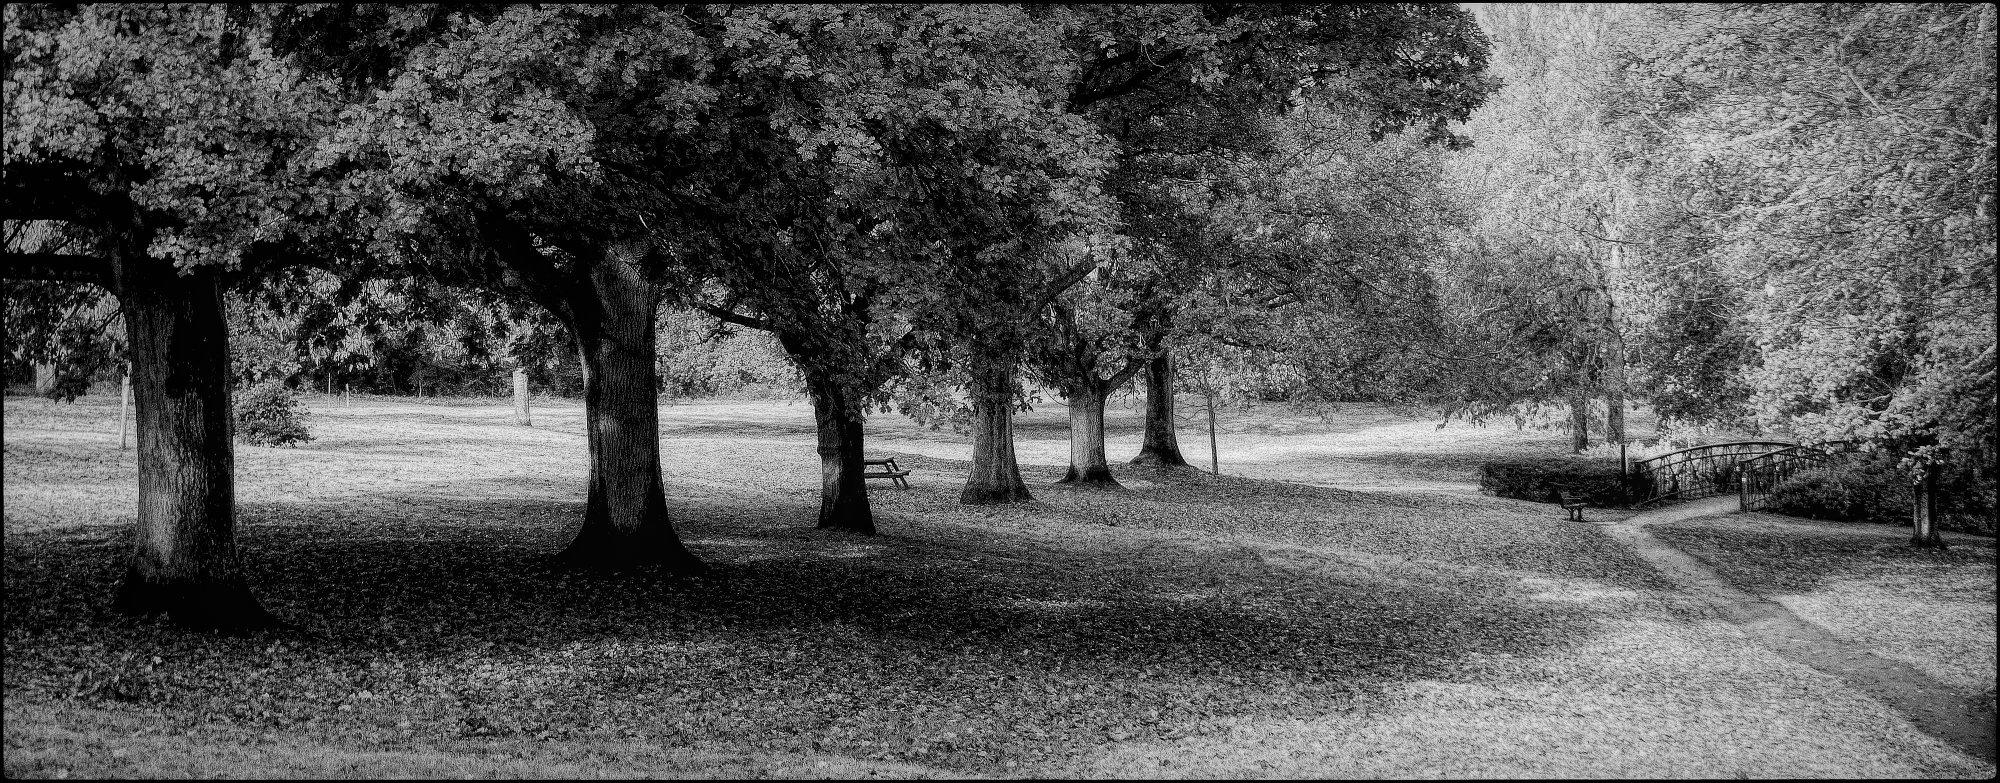 Lido Park Droitwich